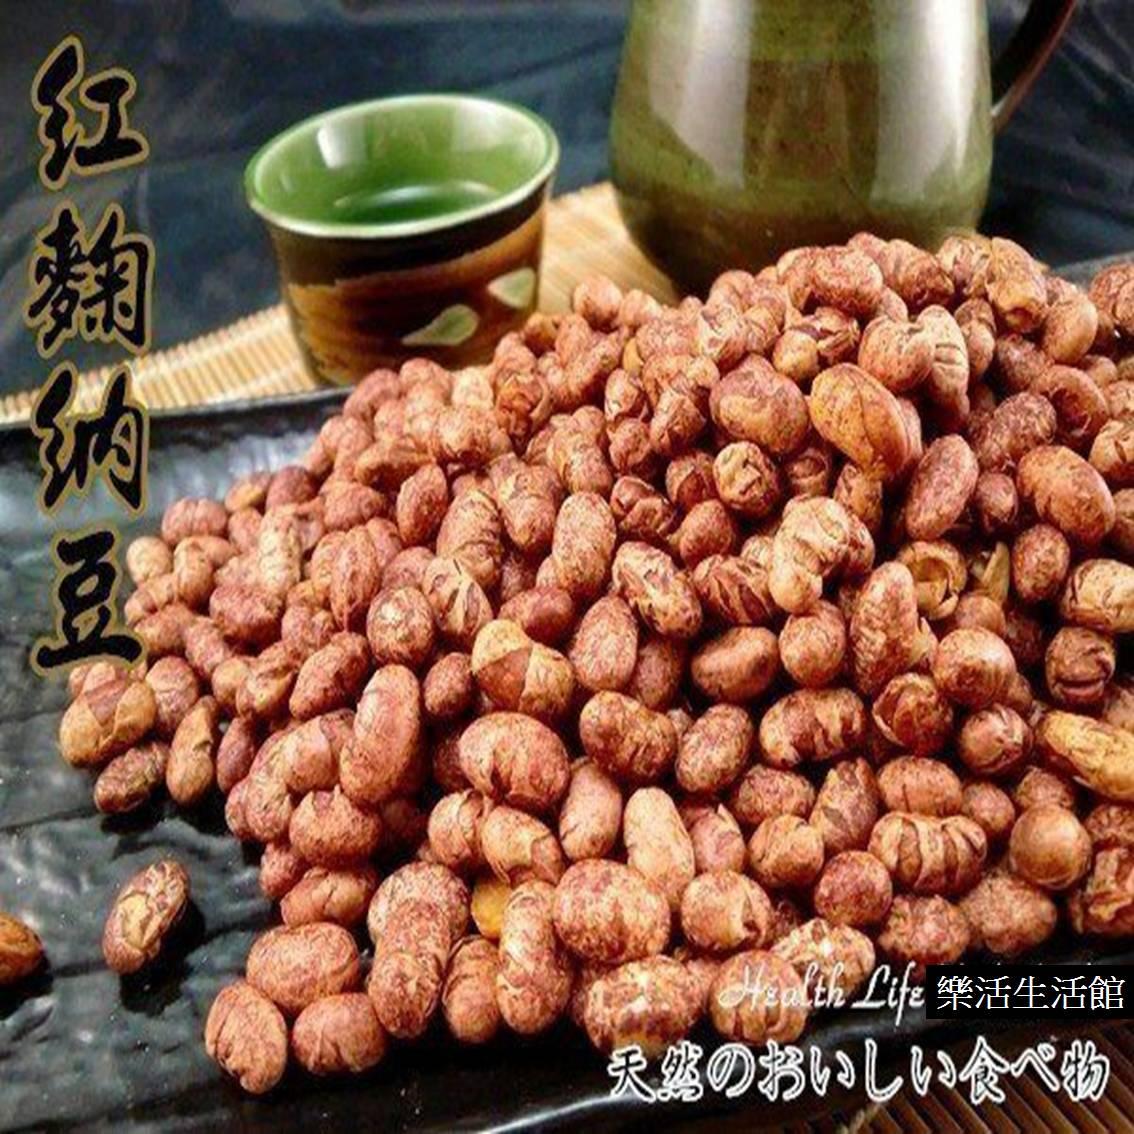 紅麴納豆 (500g)  【樂活生活館】